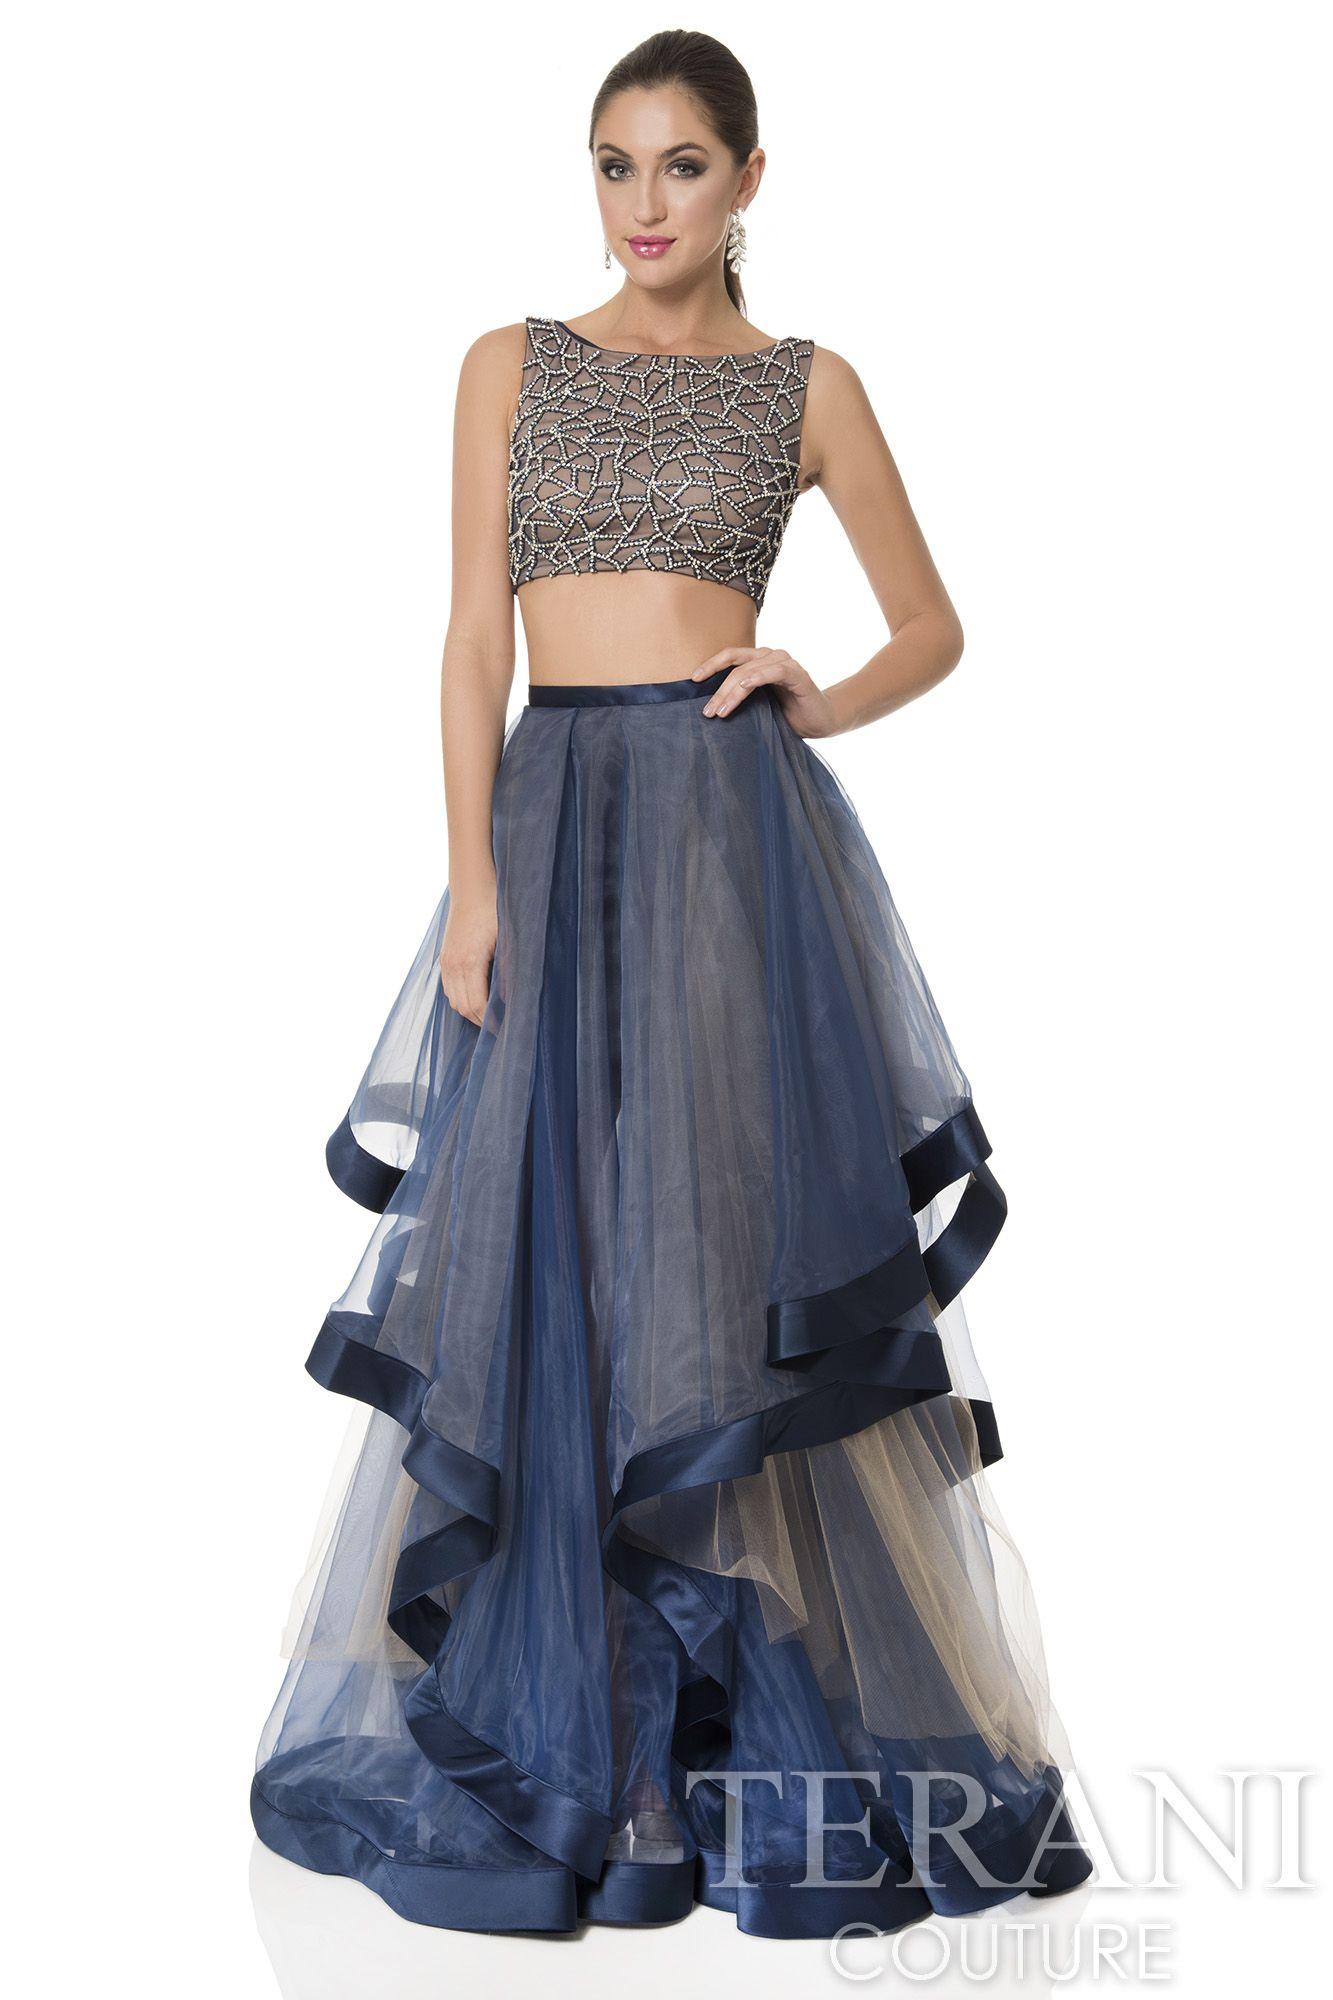 Terani Couture Prom Dresses 1611P1369 - USA Prom Dress http://bit.ly ...